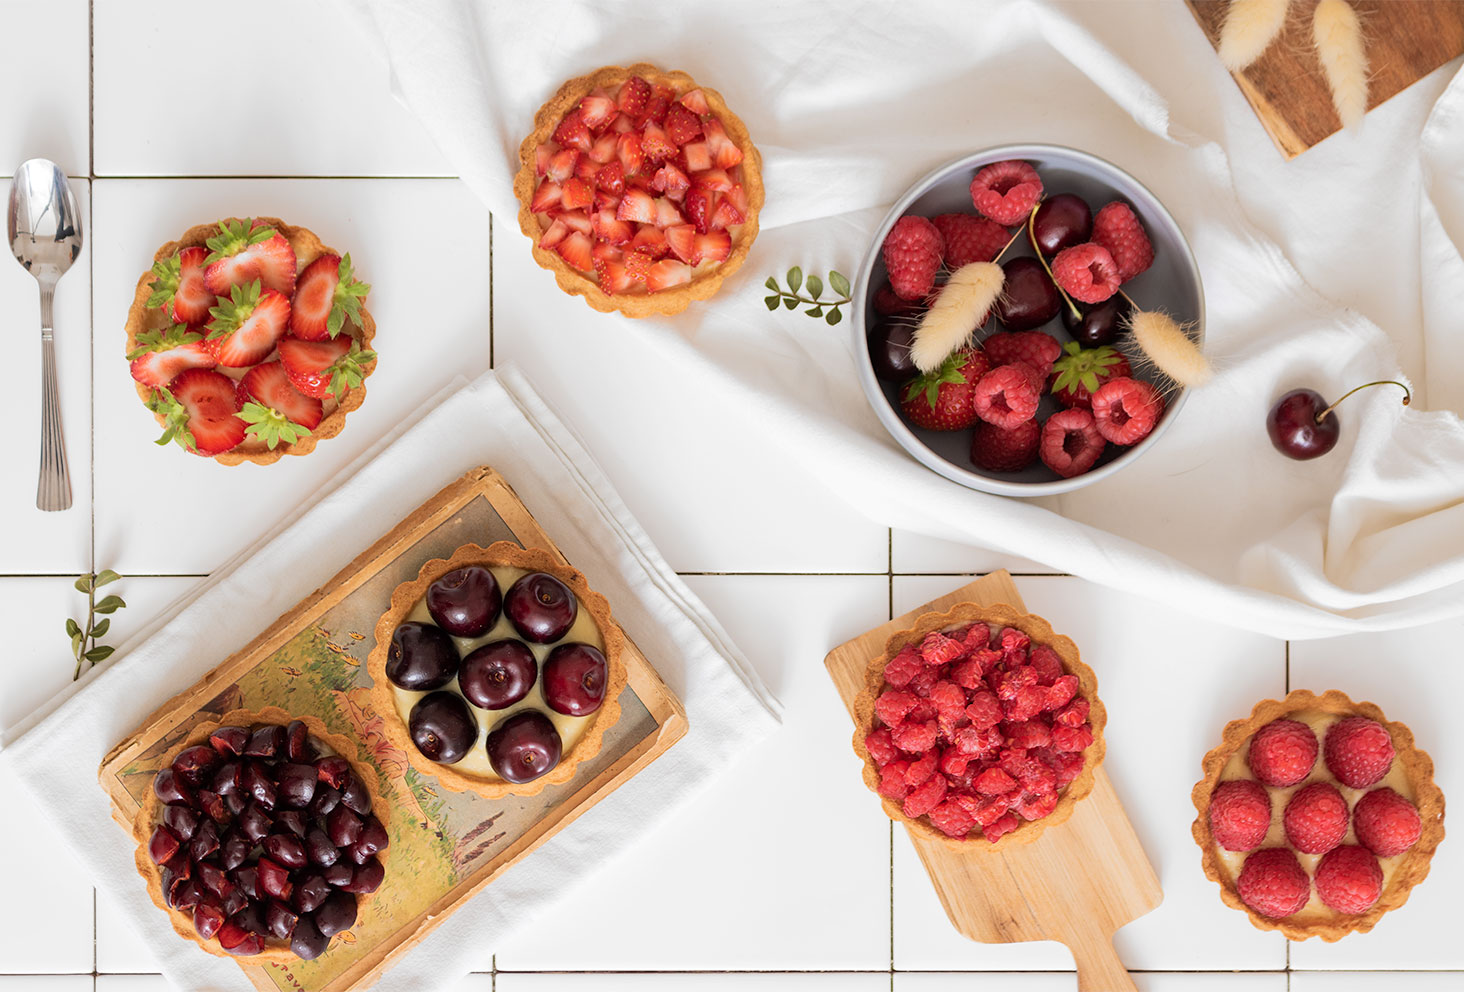 Recette facile de tartelettes à la pâte brisée aux fruits rouges